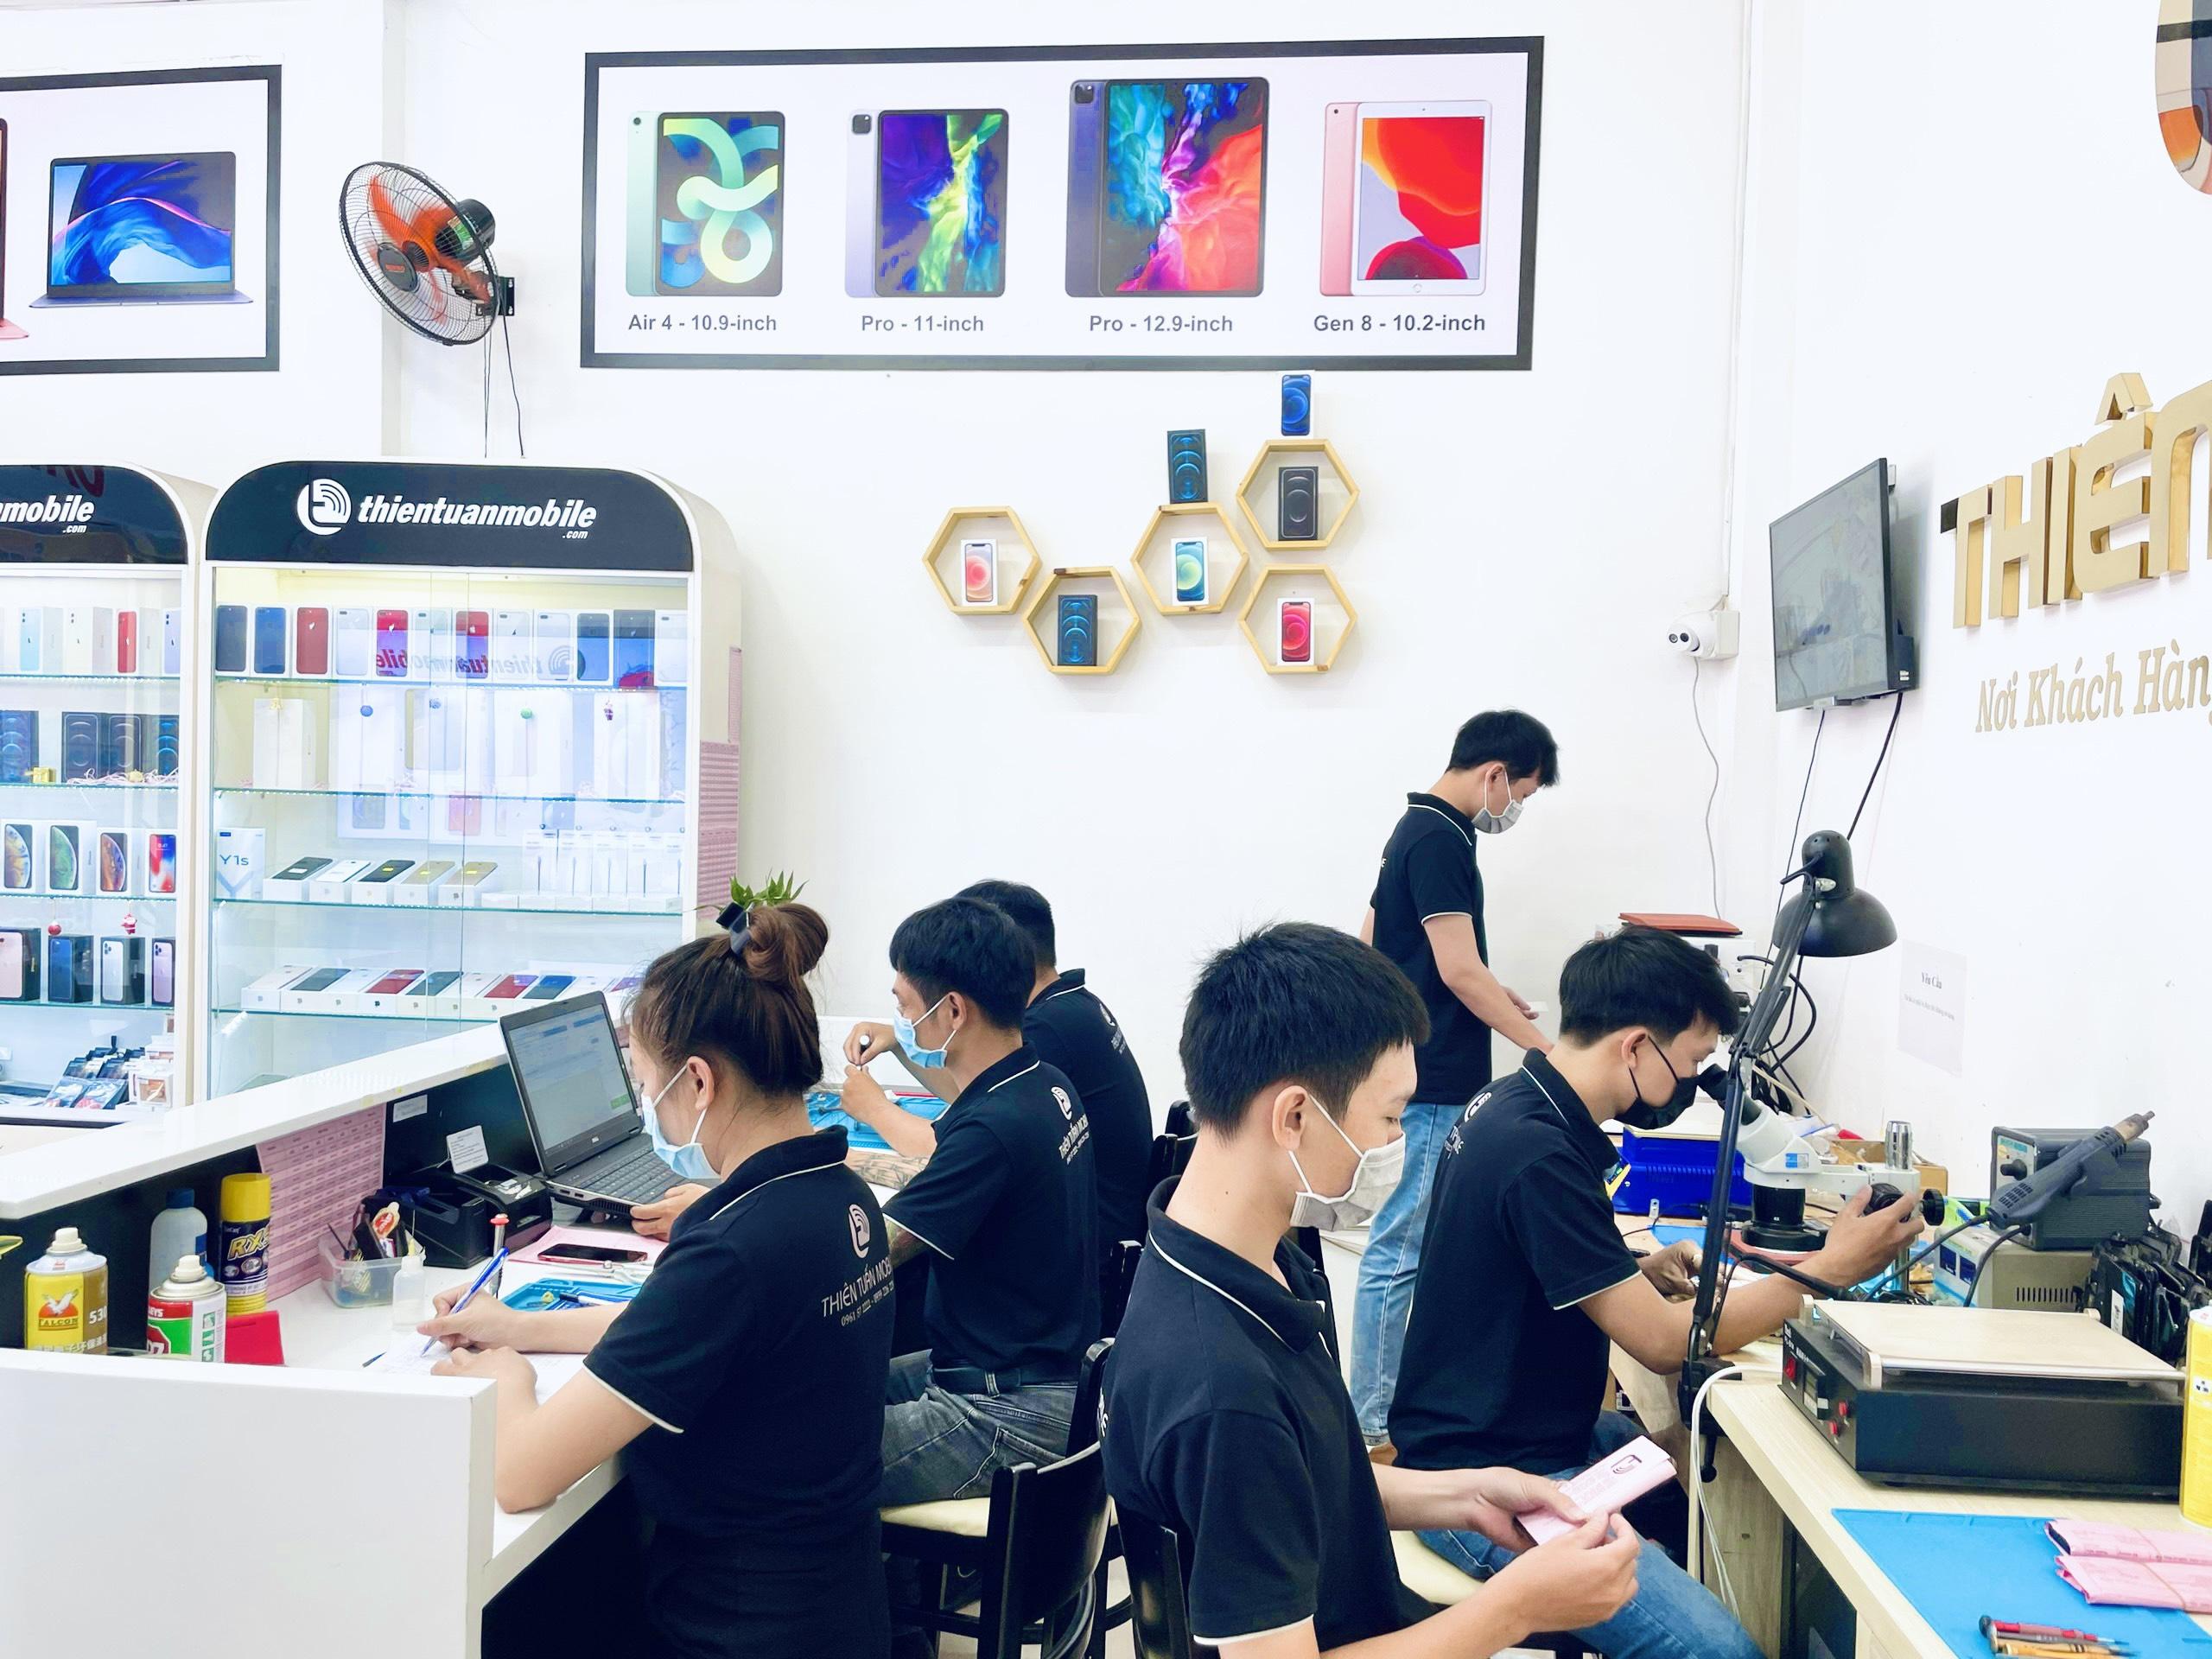 Quy trình sửa chữa điện thoại tại cửa hàng